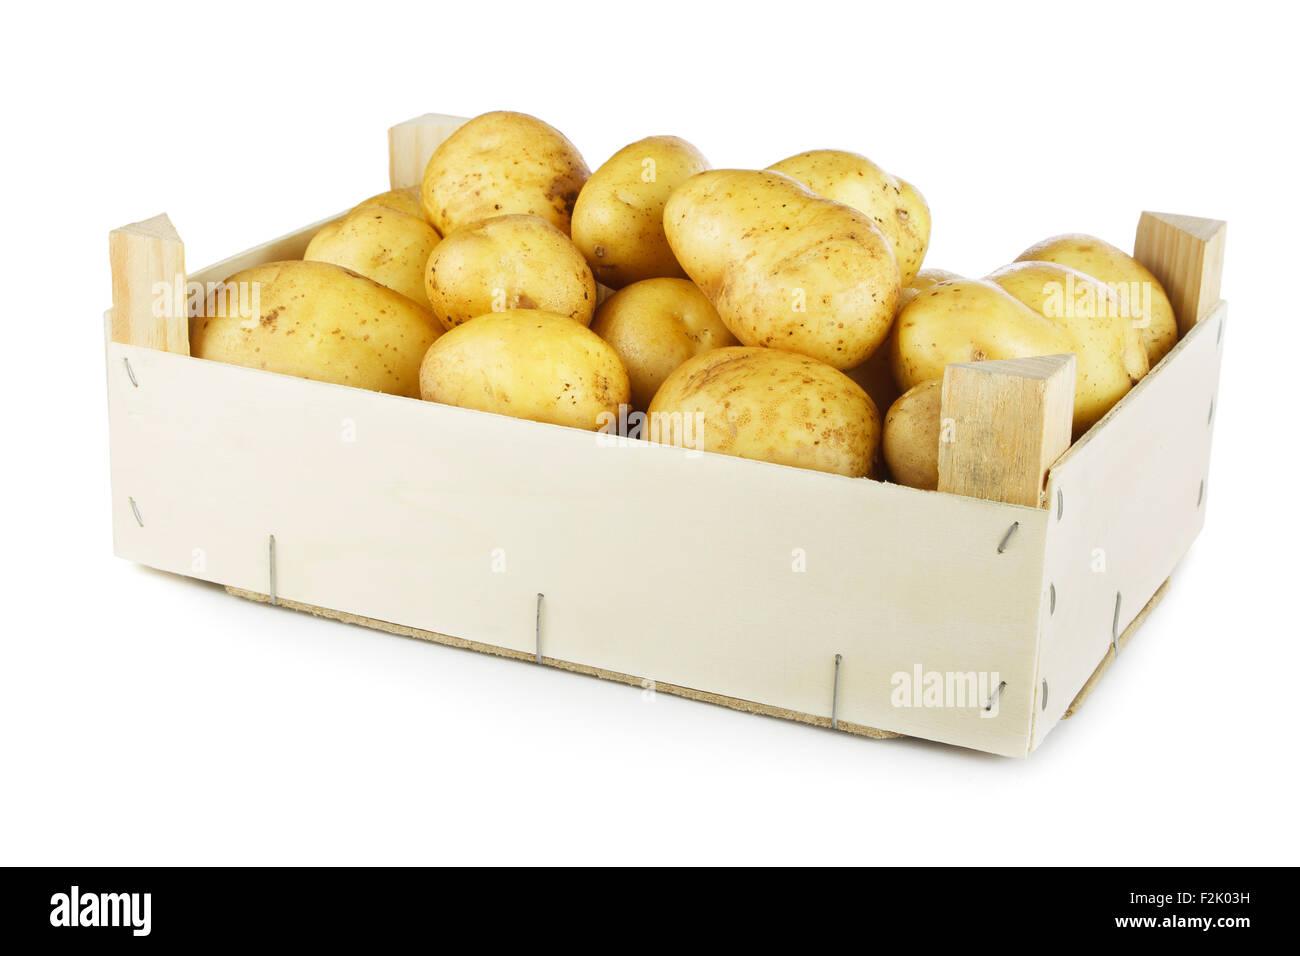 Les pommes de terre dans la boîte en bois isolé sur fond blanc Banque D'Images